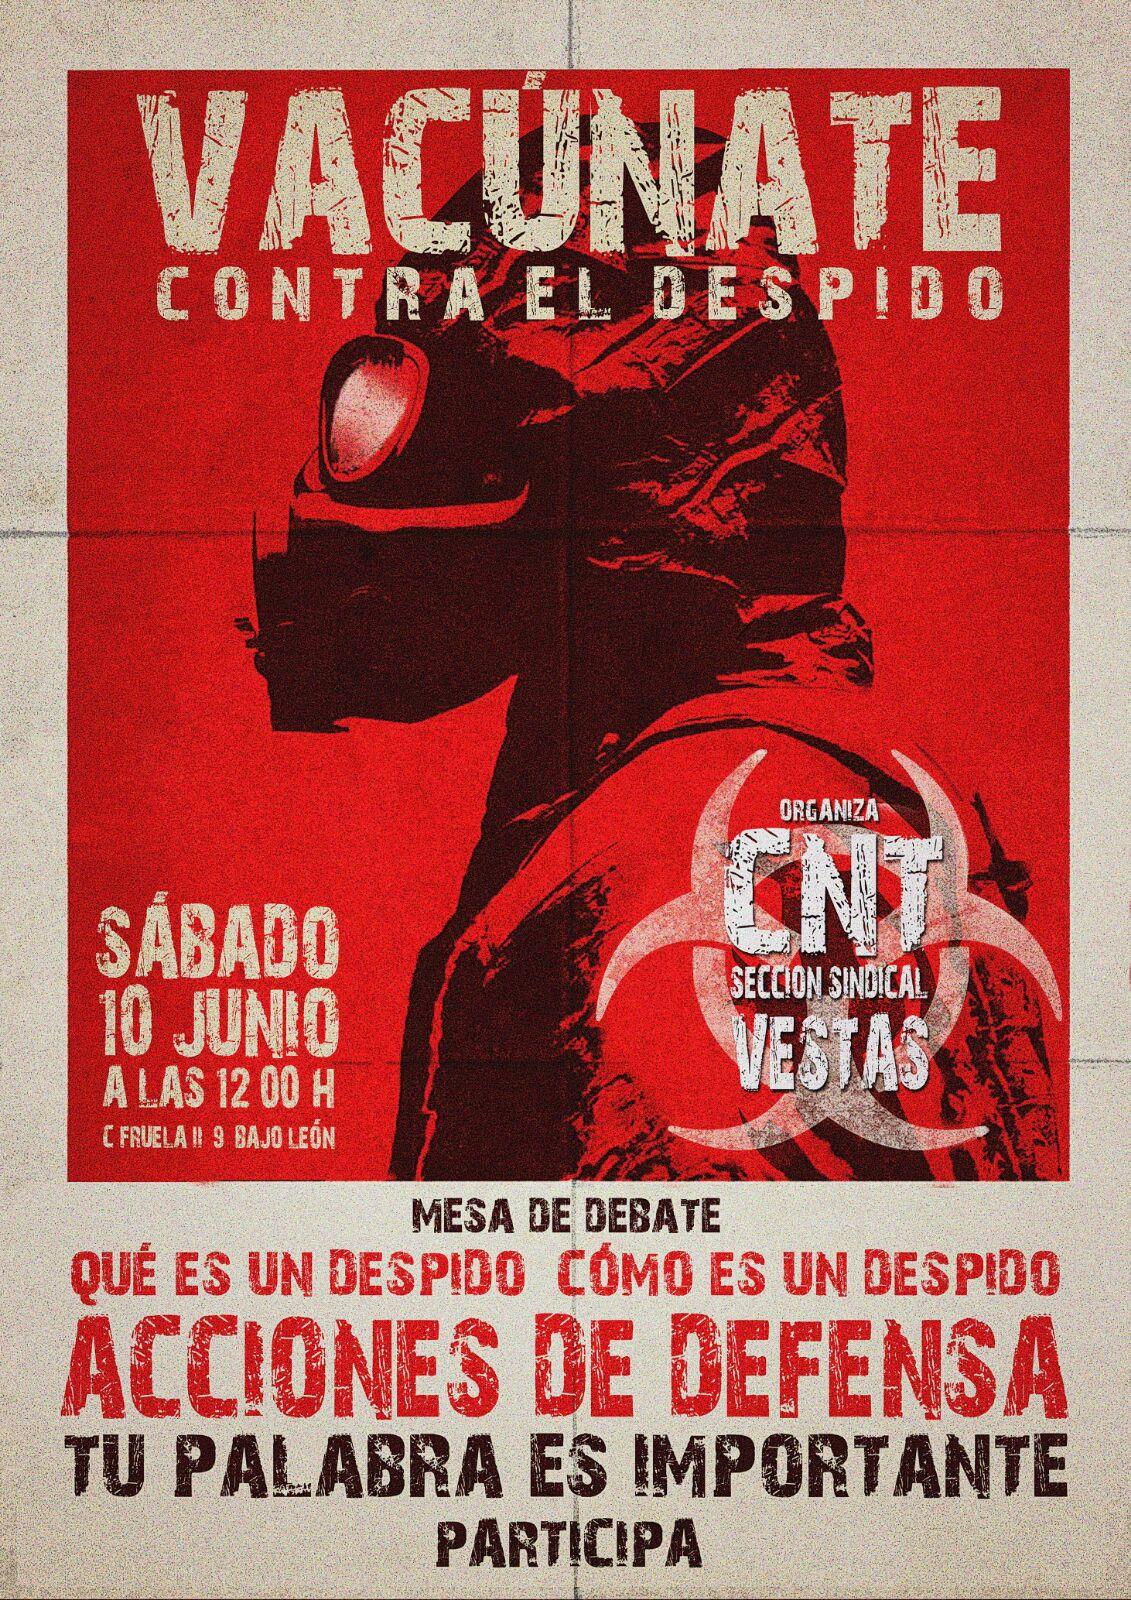 MESA DEBATE DE CNT- VESTAS. «VACÚNATE CONTRA EL DESPIDO», ACCIONES DE DEFENSA CONTRA EL DESPIDO.